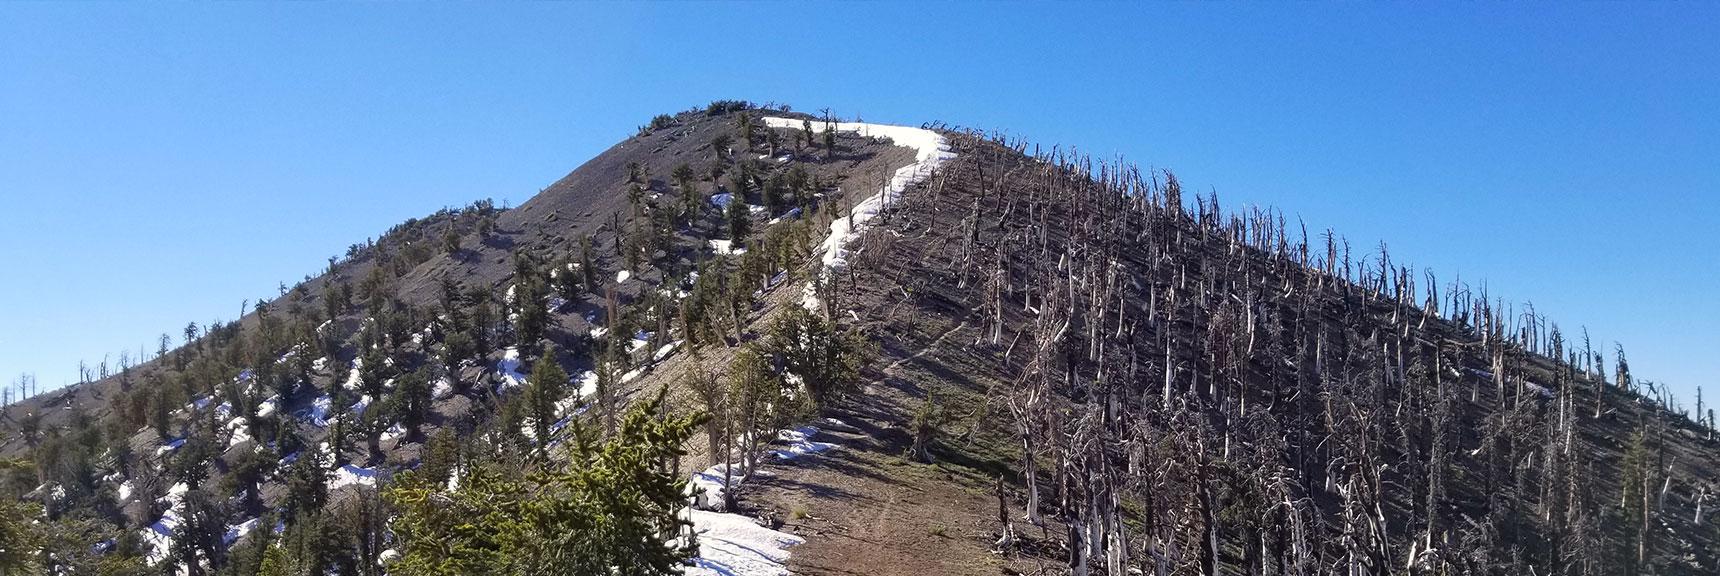 Griffith Peak | Mt Charleston Wilderness | Spring Mountains, Nevada